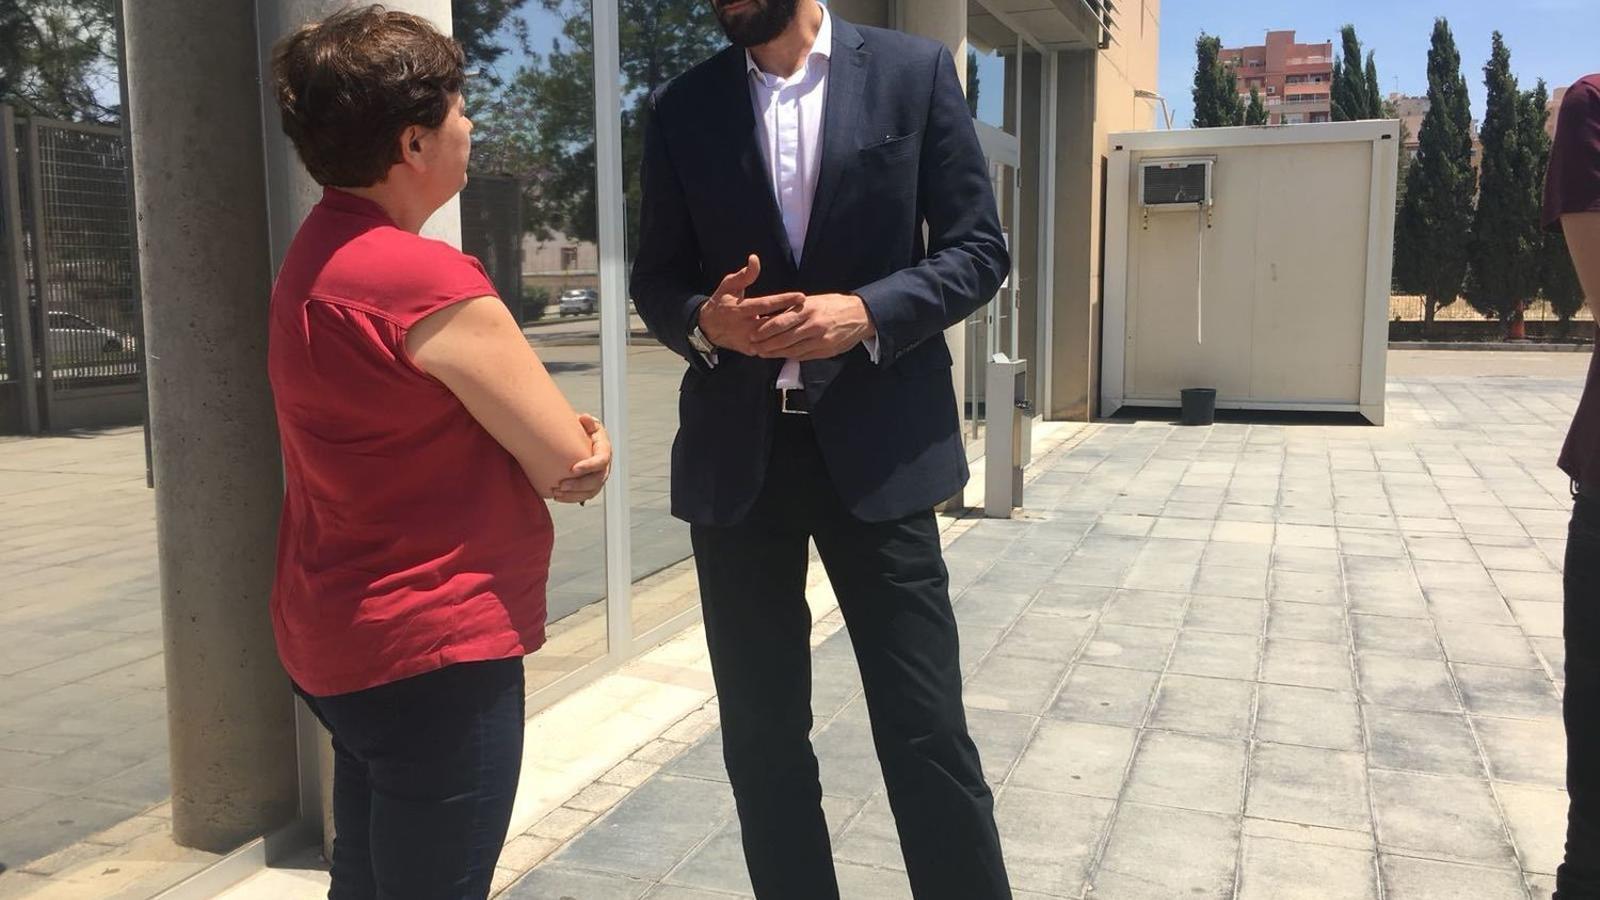 El president de la FEB, Jorge Garbajosa conversa amb La regidora d'Educació i Esports, Susanna Moll,